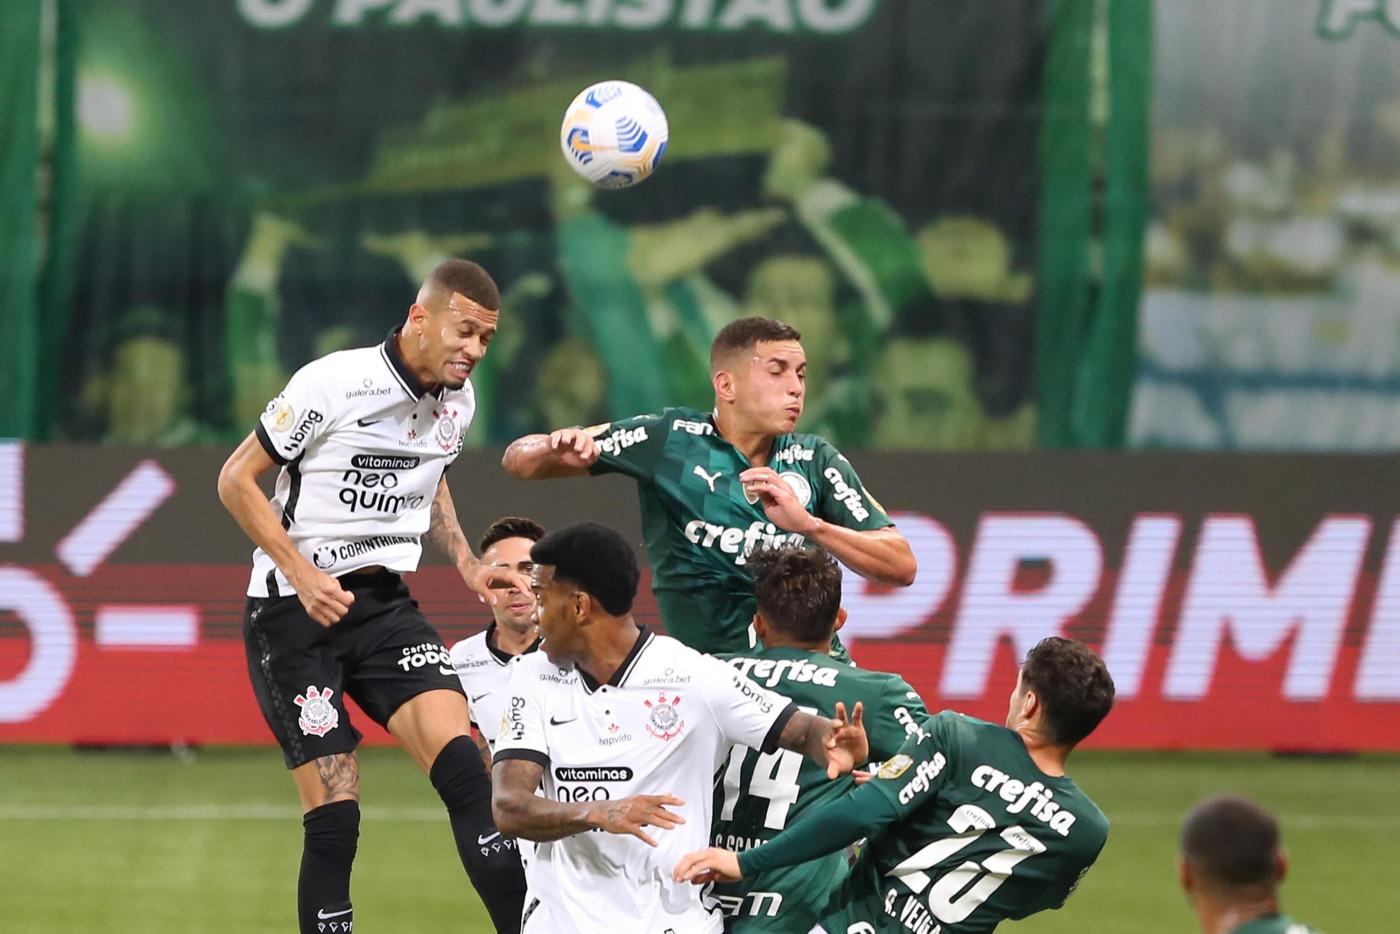 Palmeiras e Corinthians empataram em 1 a 1 pelo Campeonato Brasileiro